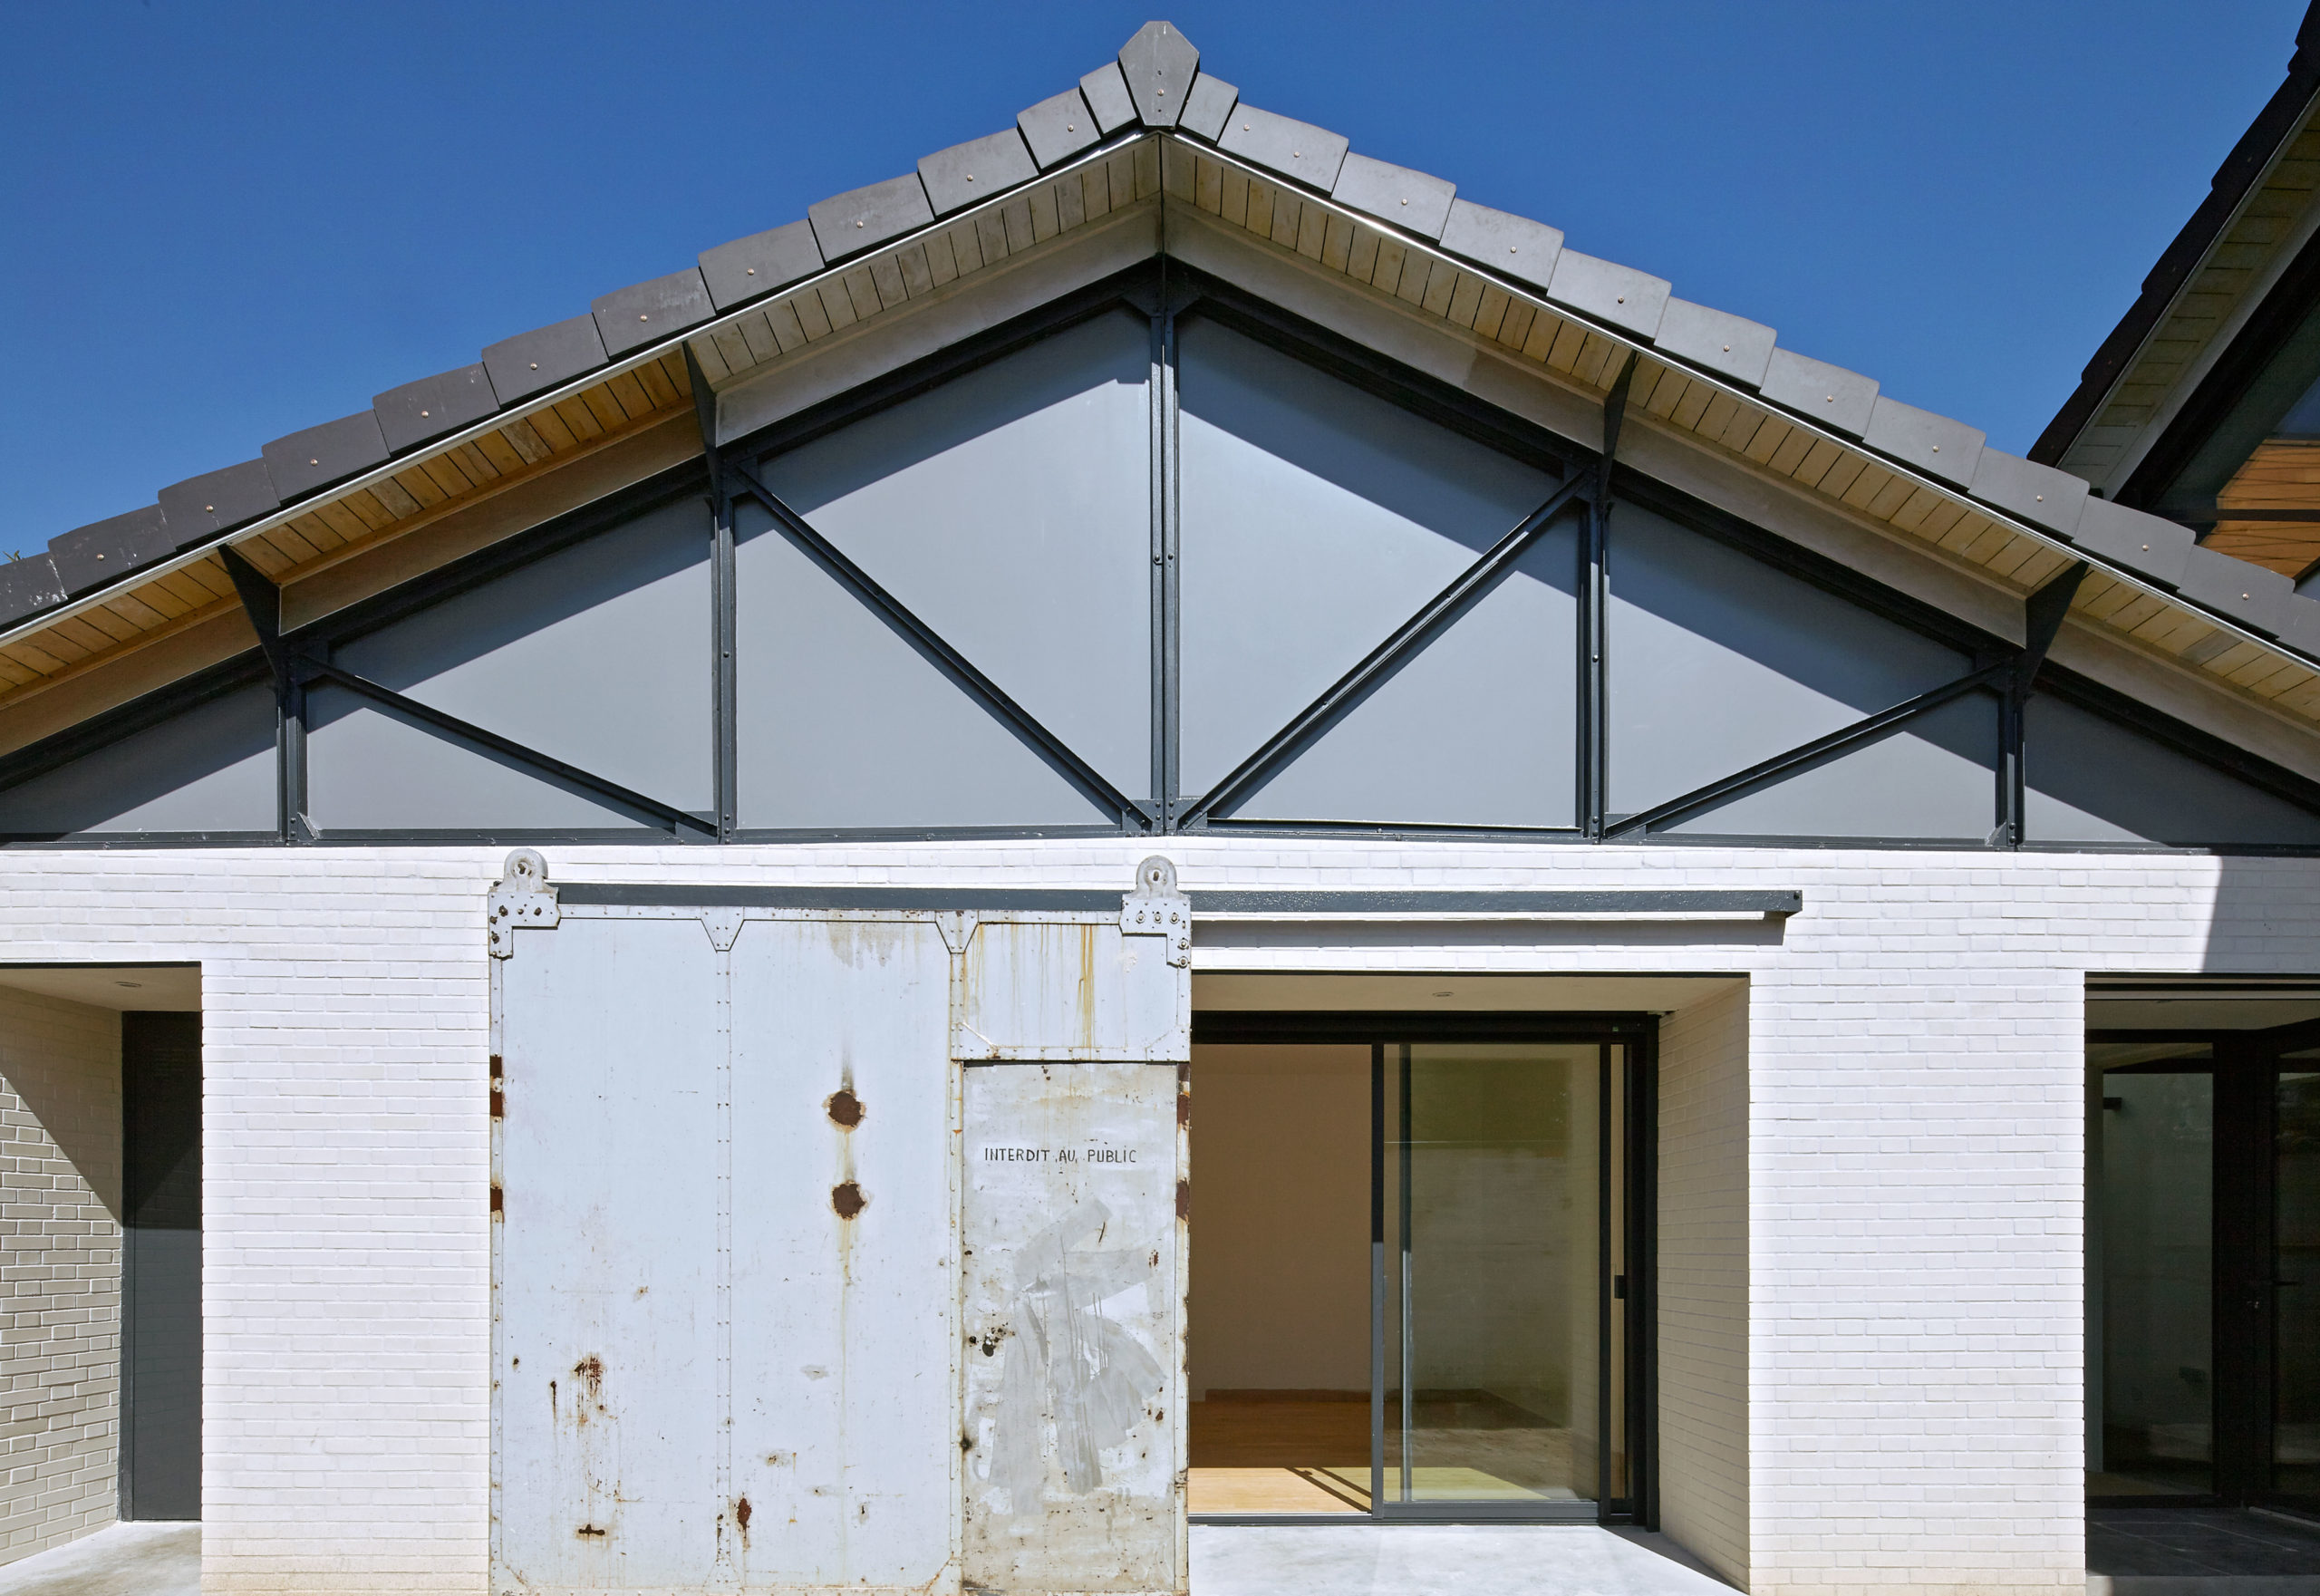 Photographie de la façade pignon en brique dont la charpente métallique est apparente. Le caractère industriel des bâtiments d'origine est préservé.